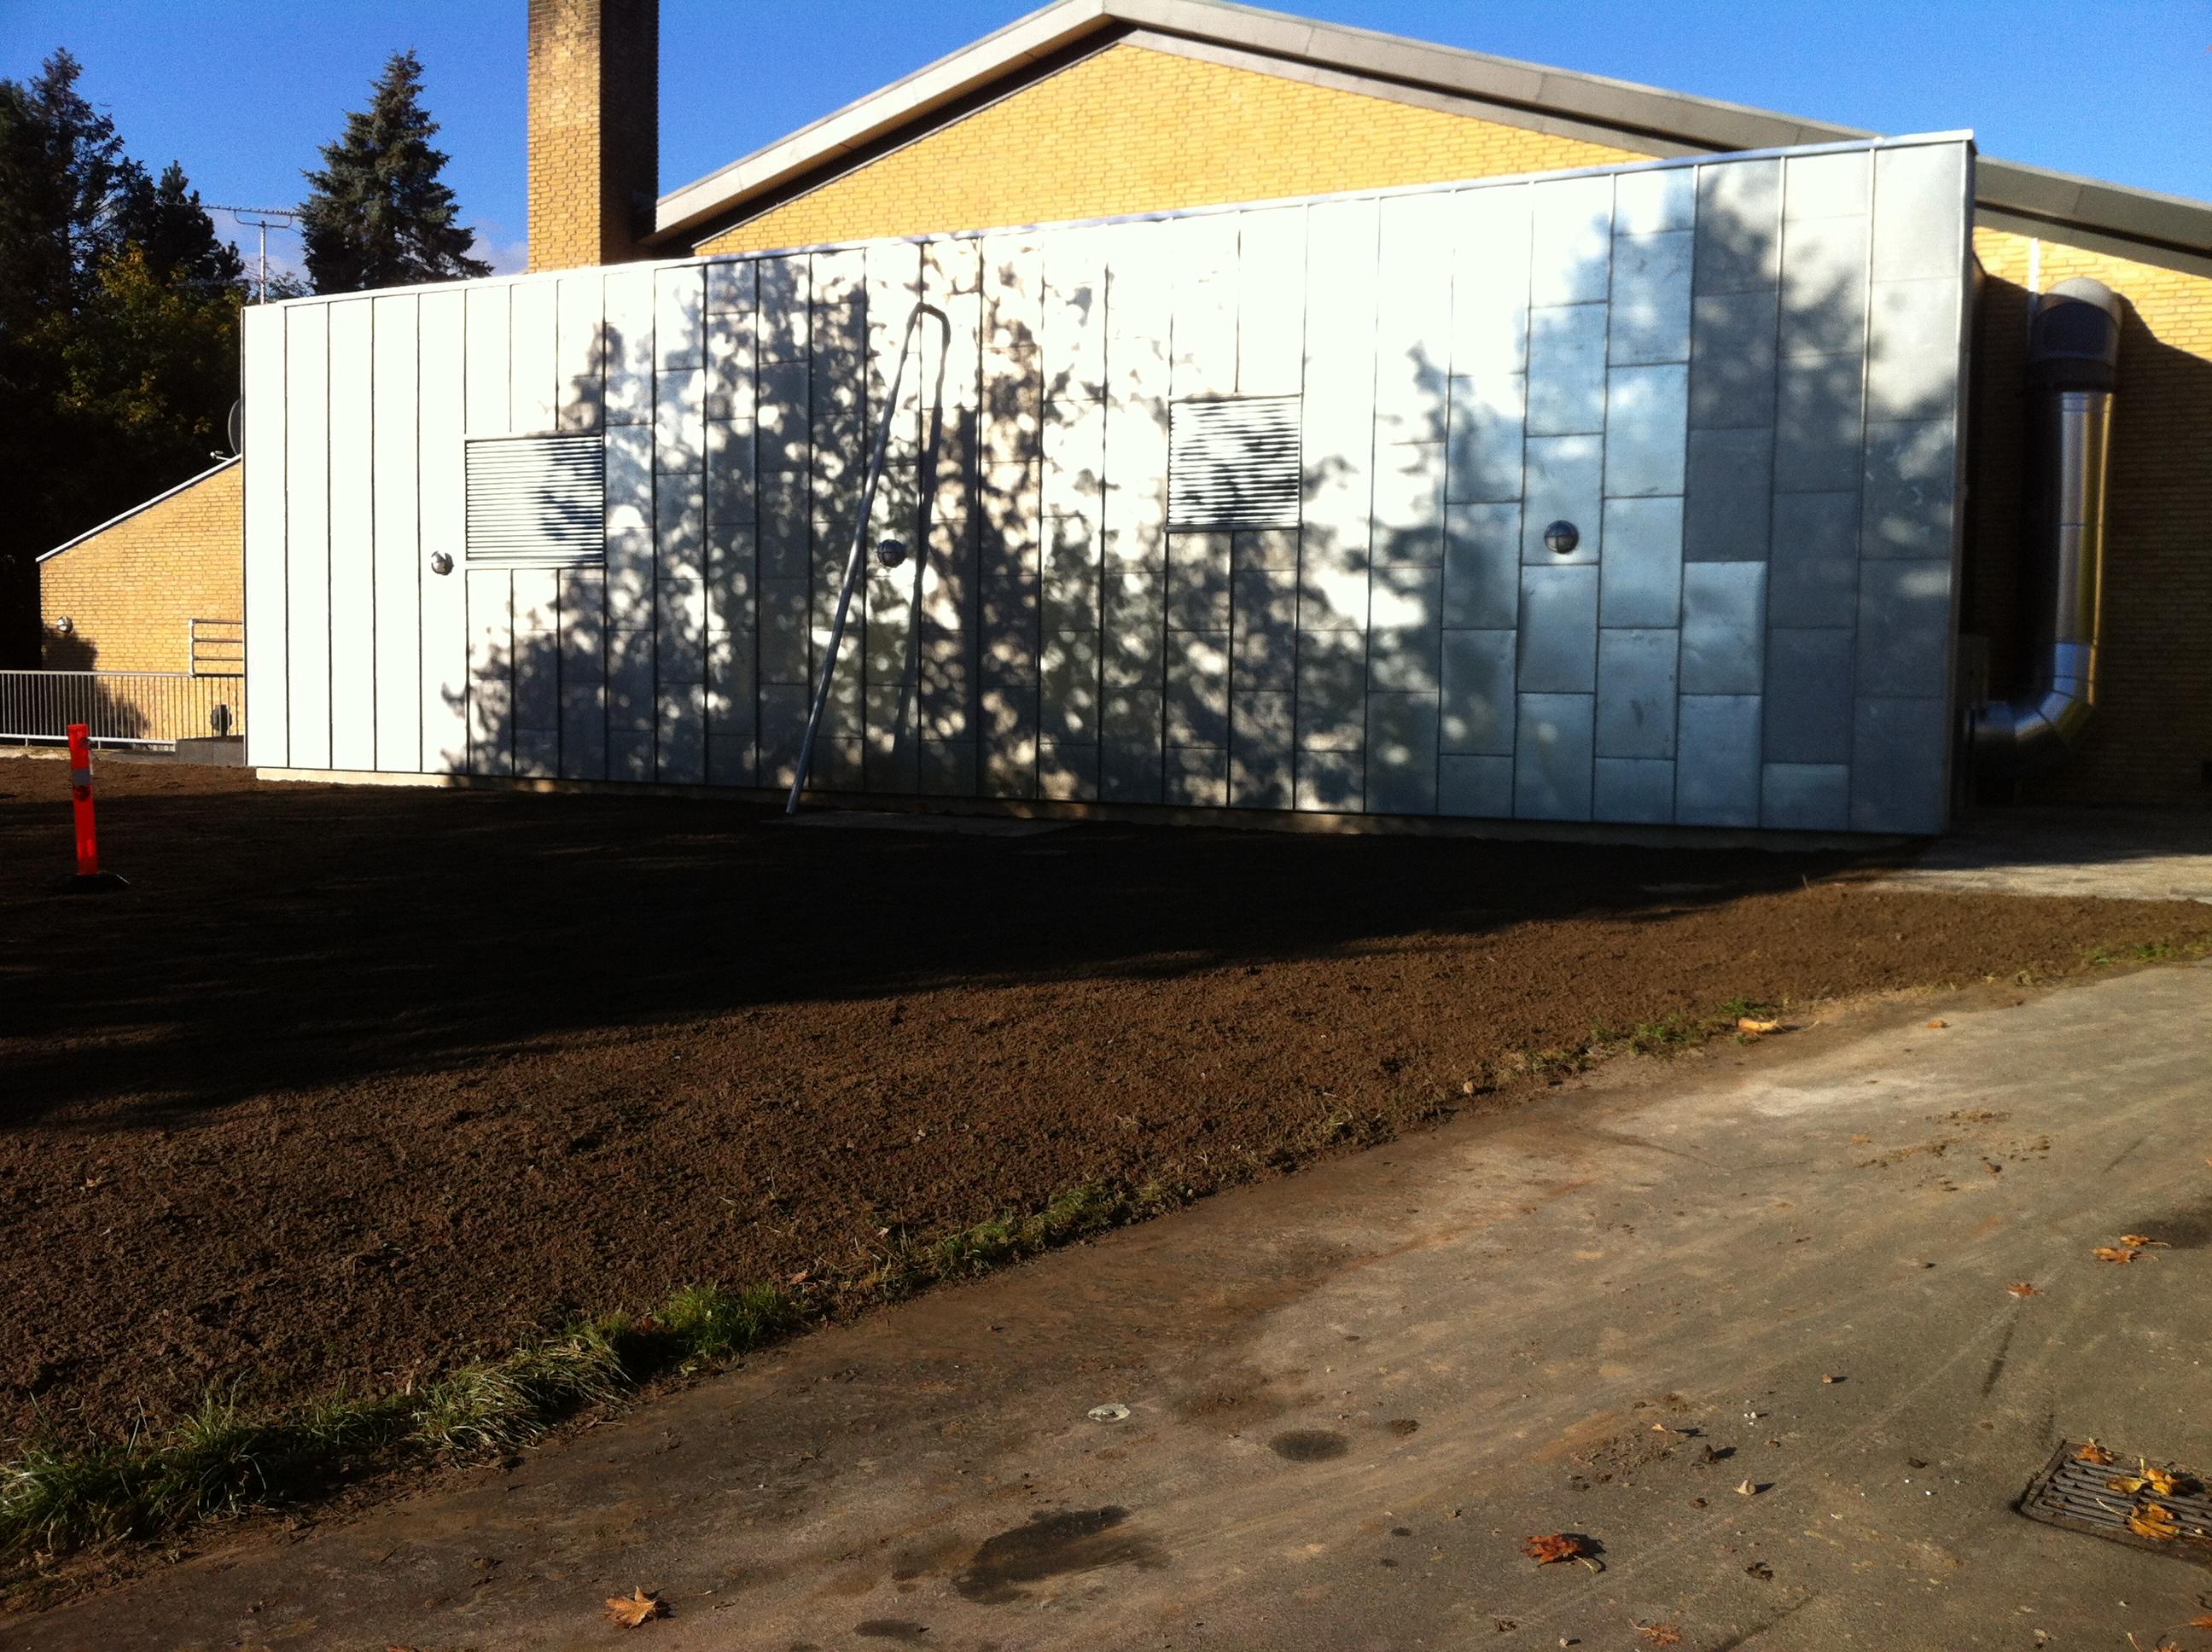 Blovstrød svømmehal. Jord-beton og kloakentreprise på renovering og udvidelse af teknikfaciliteter i kælder